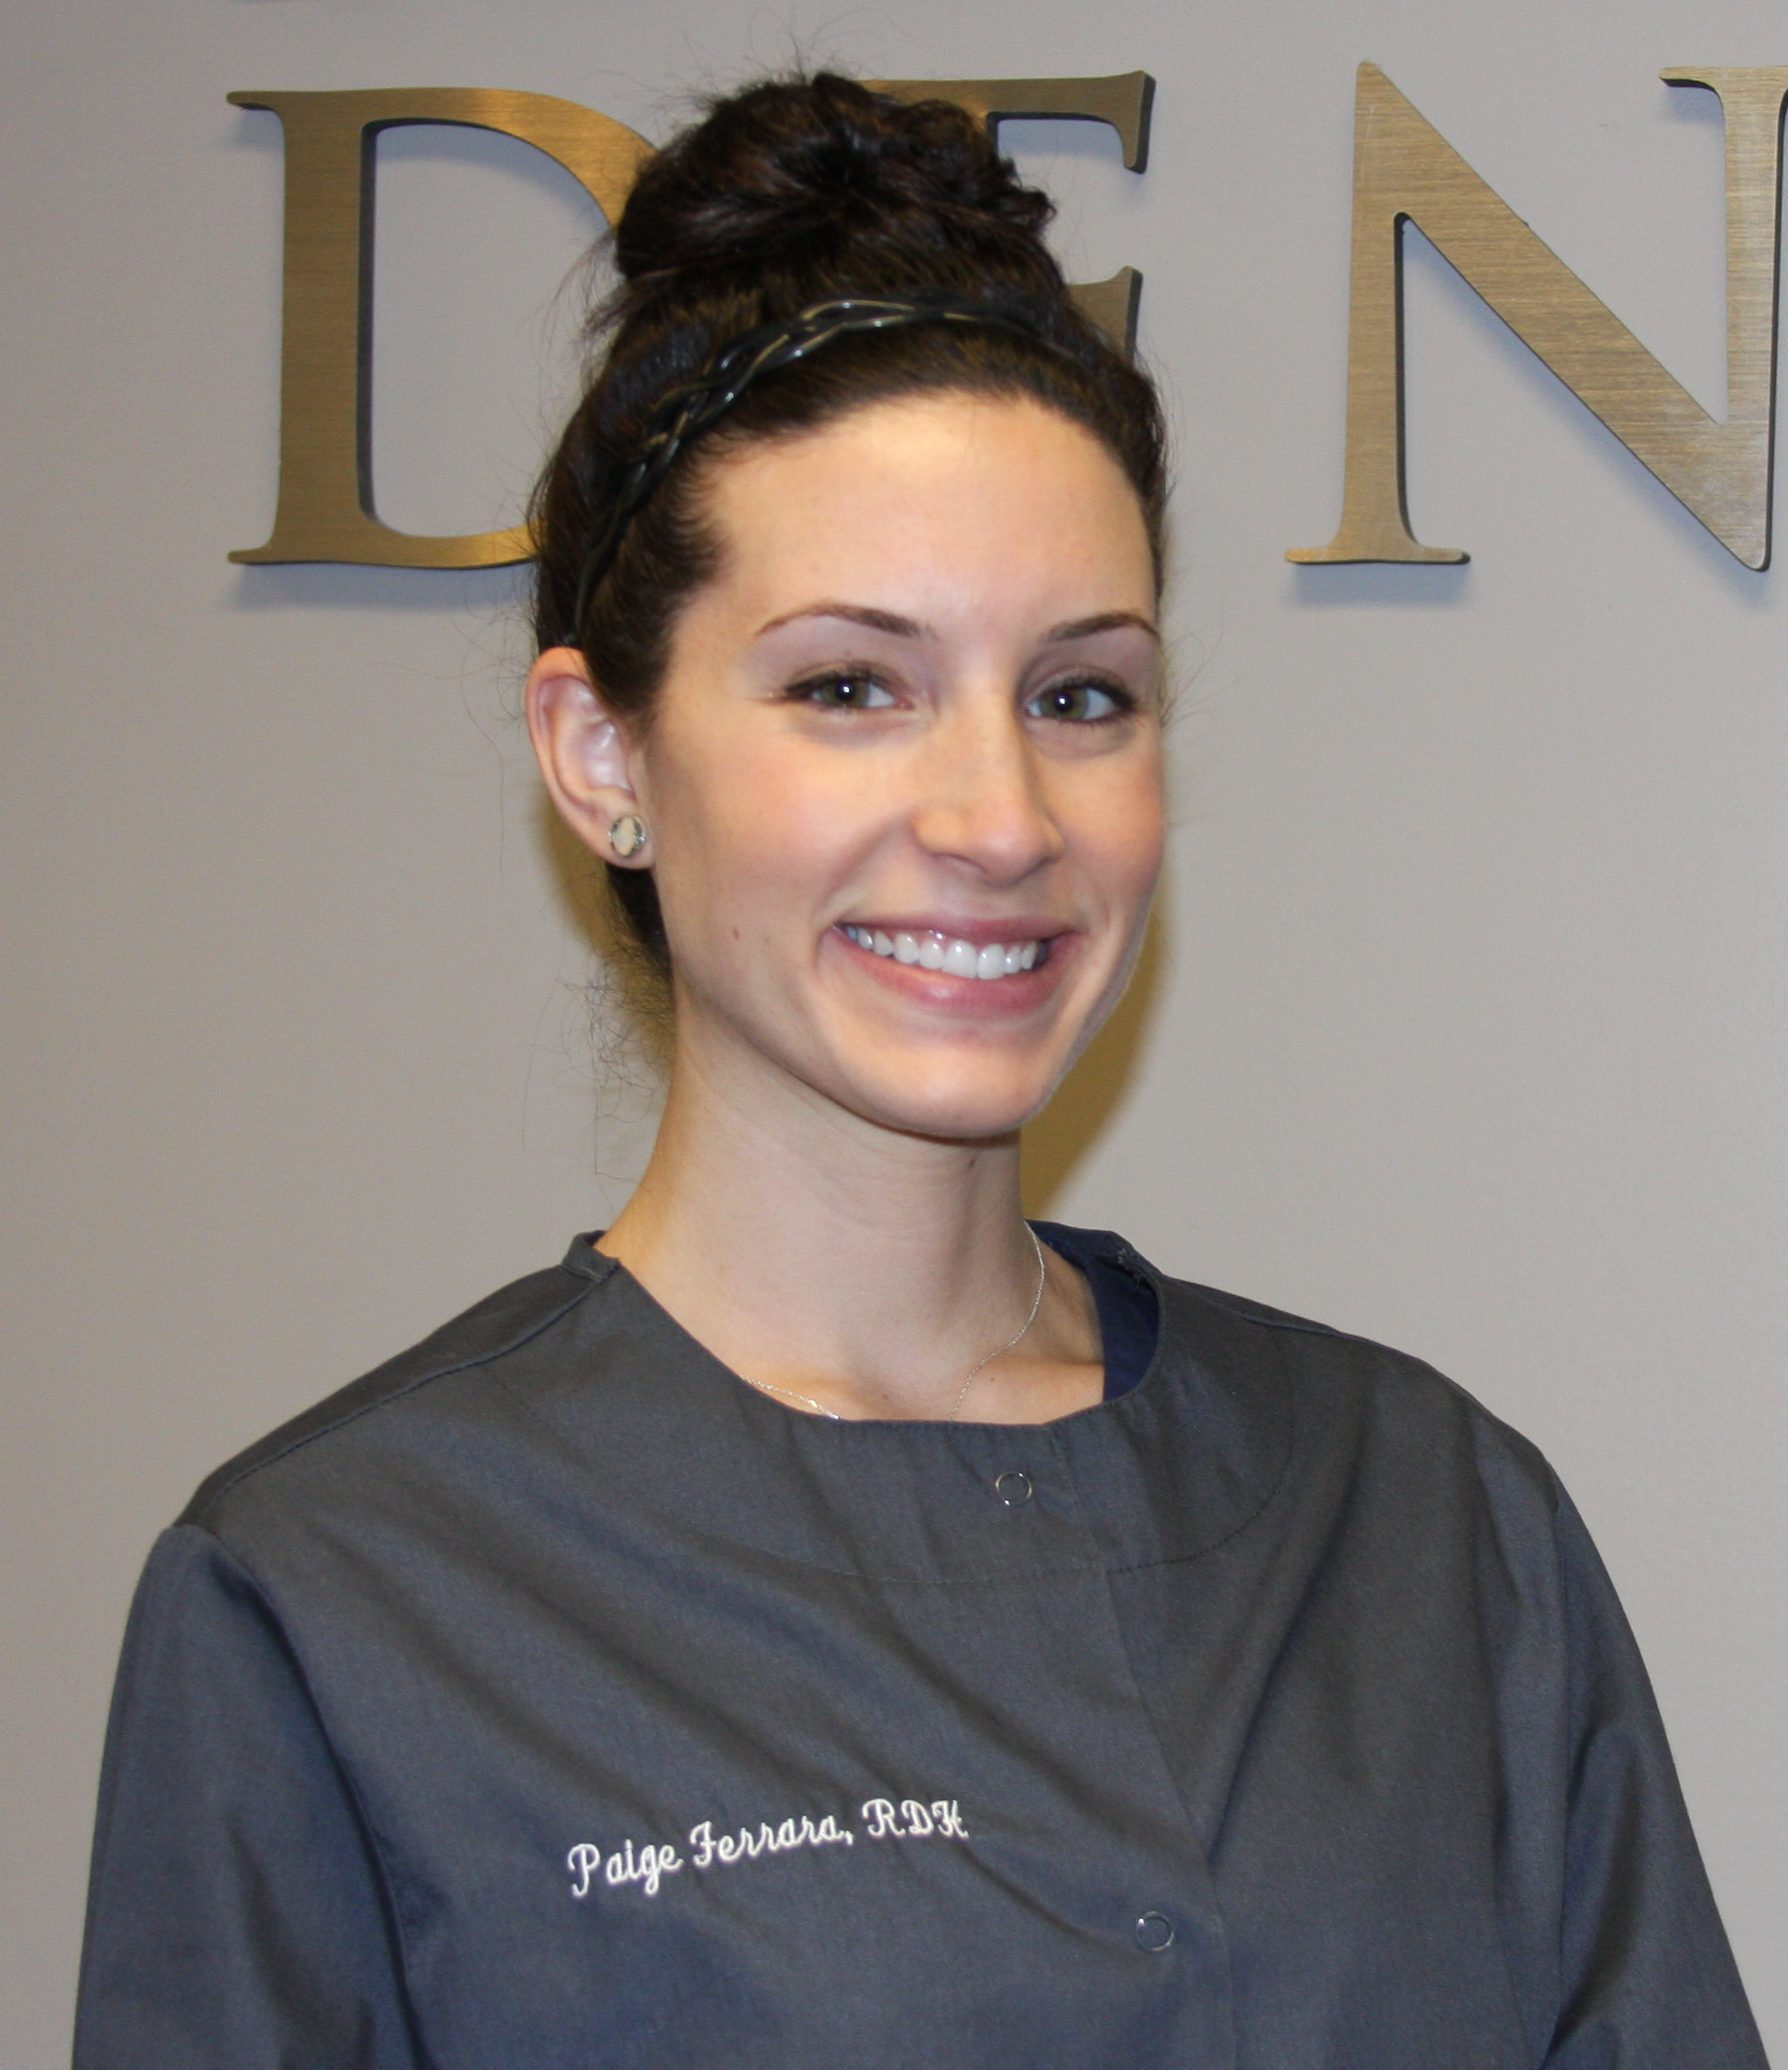 Paige, Hygienist in Dedham